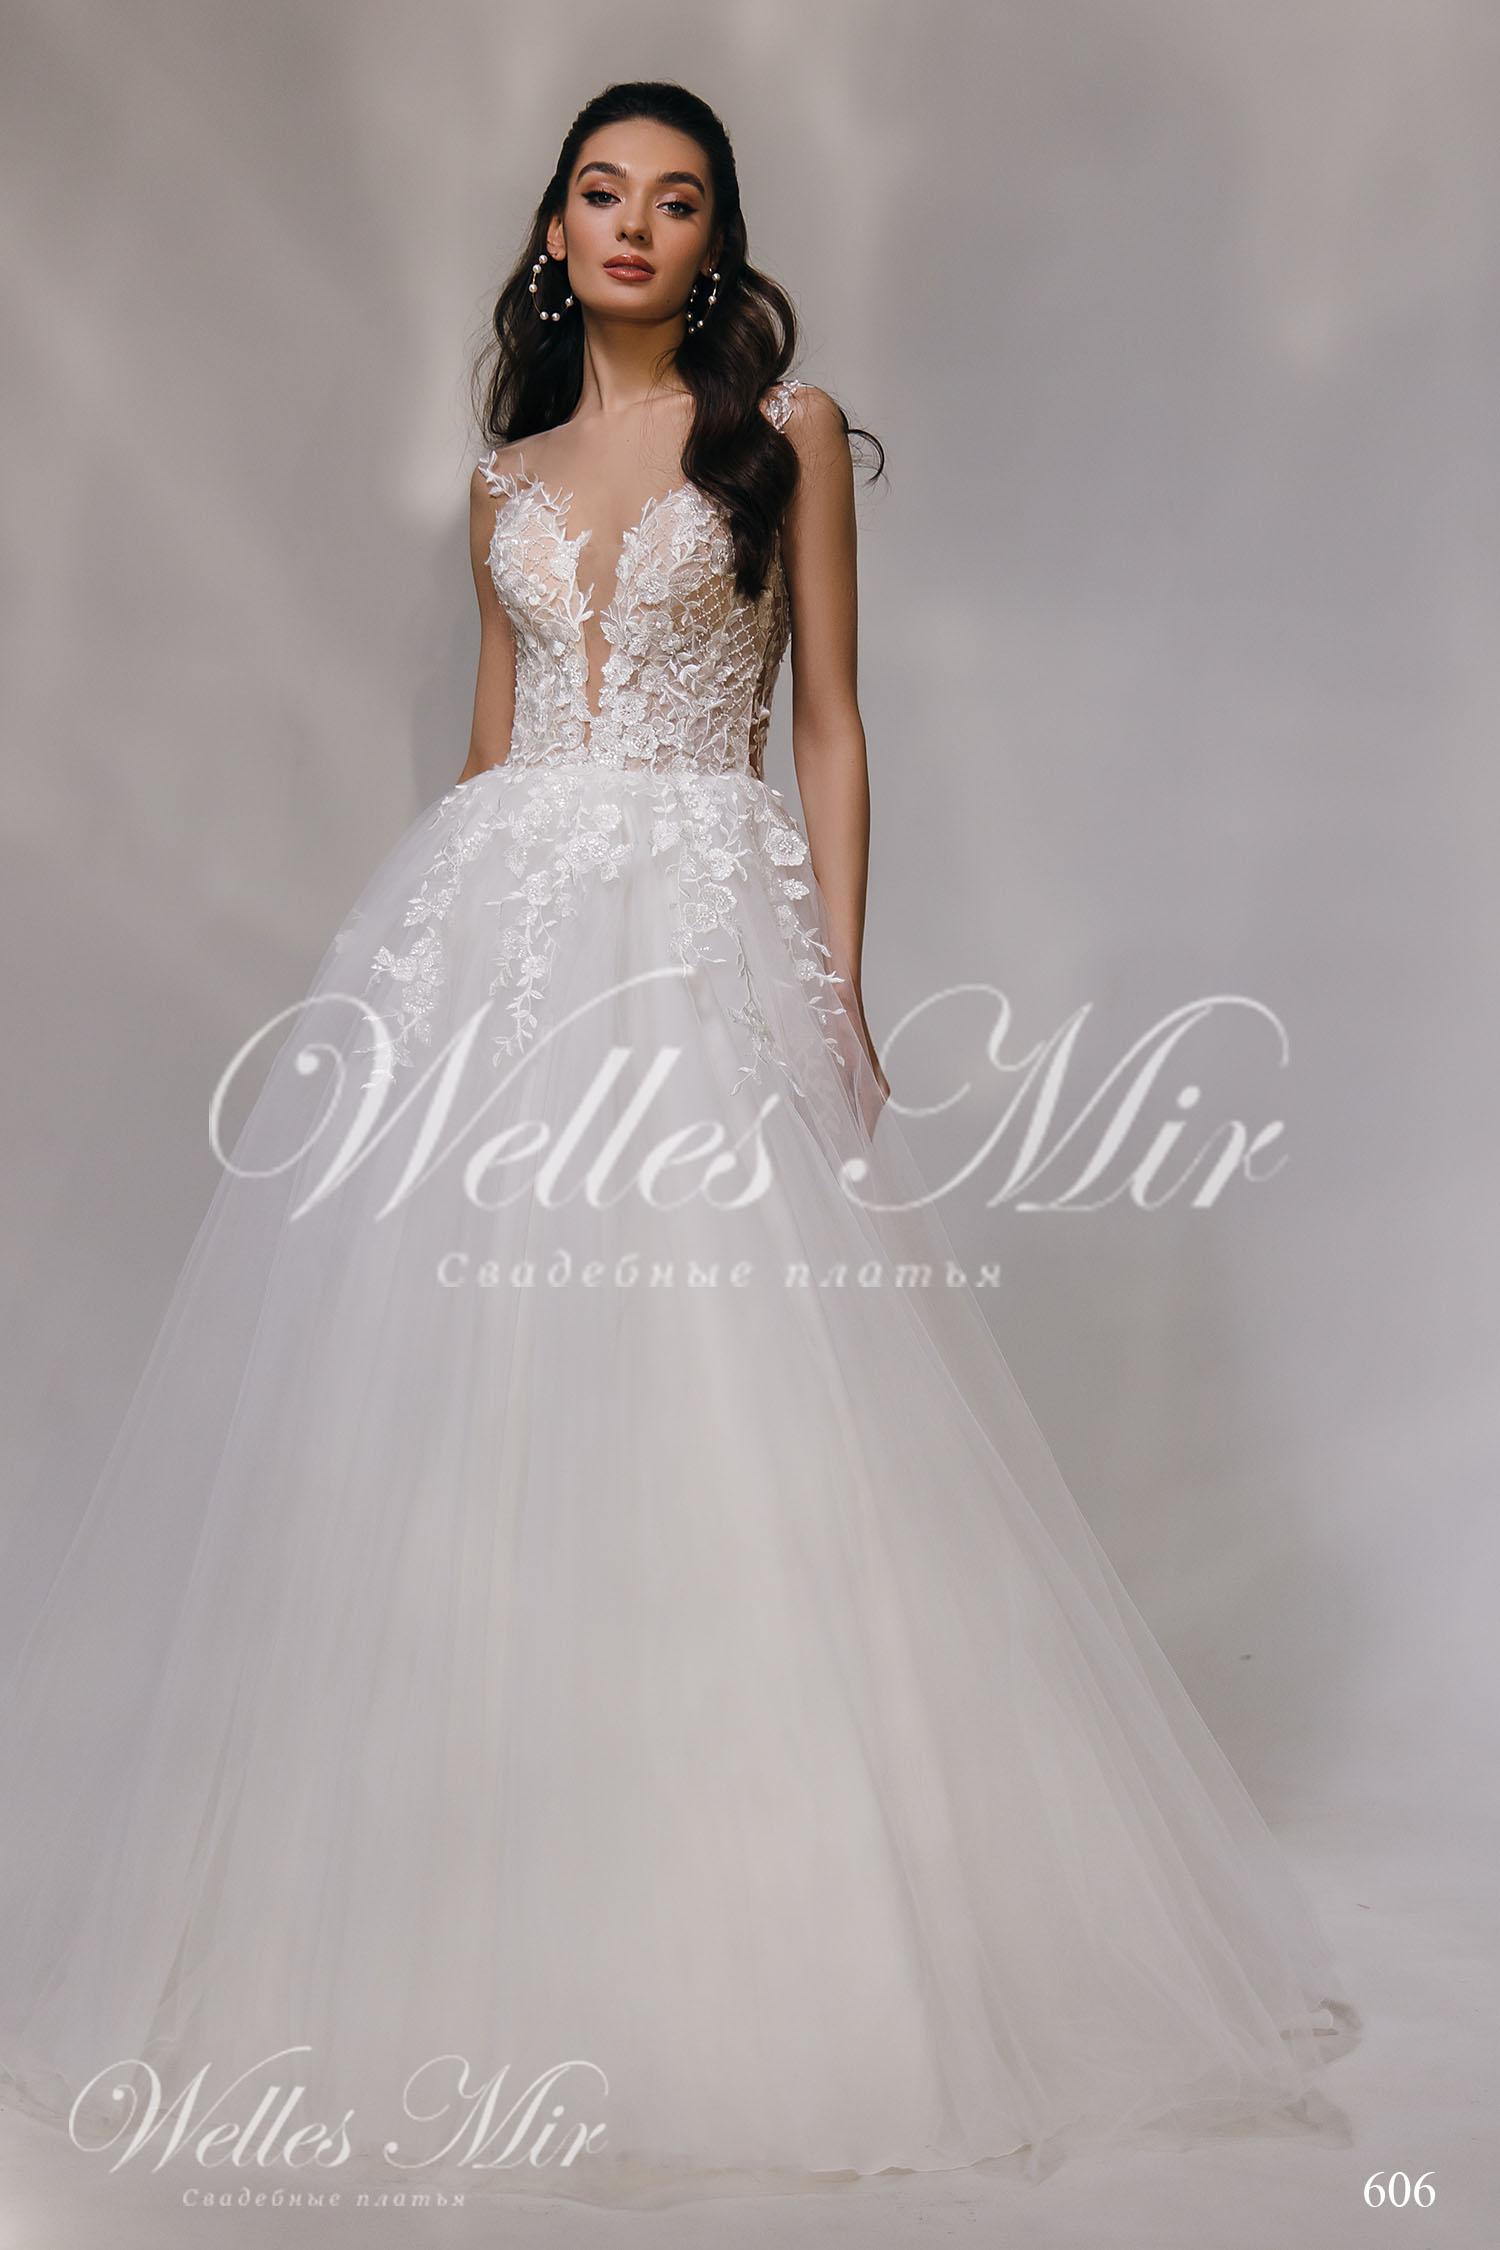 Свадебные платья Nothern Lights - 606